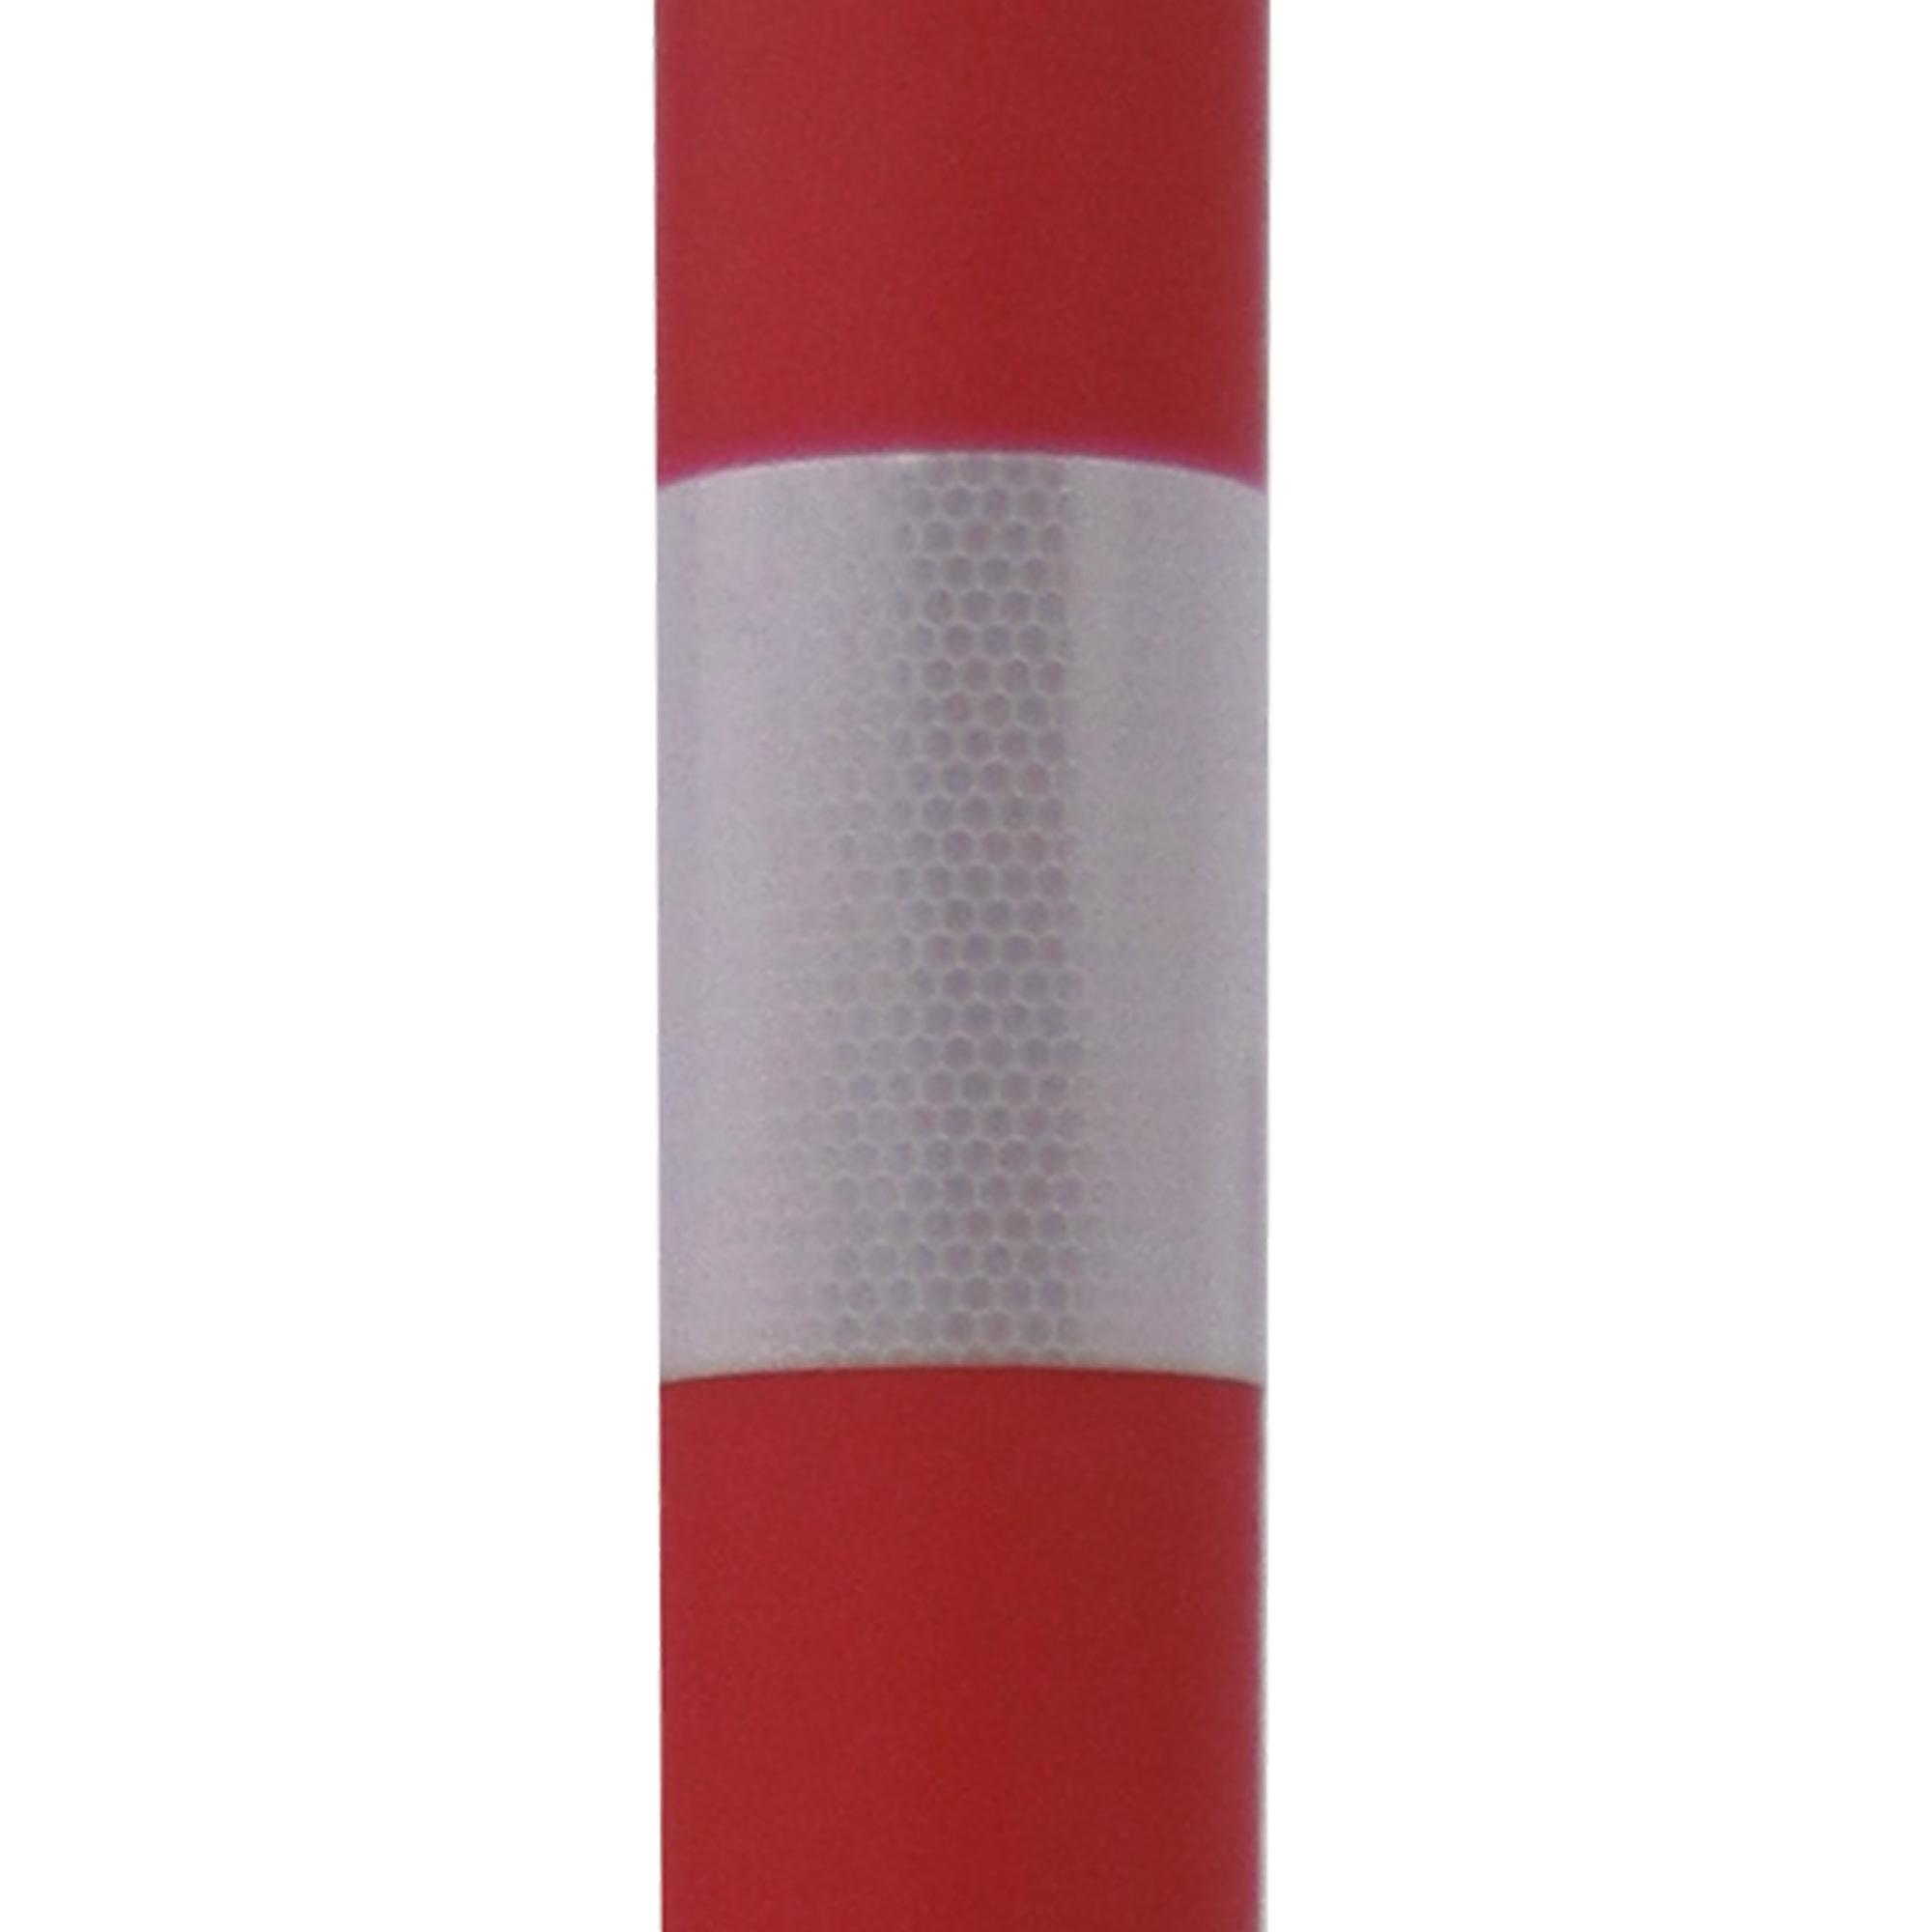 Absperrständer, rot/weiß